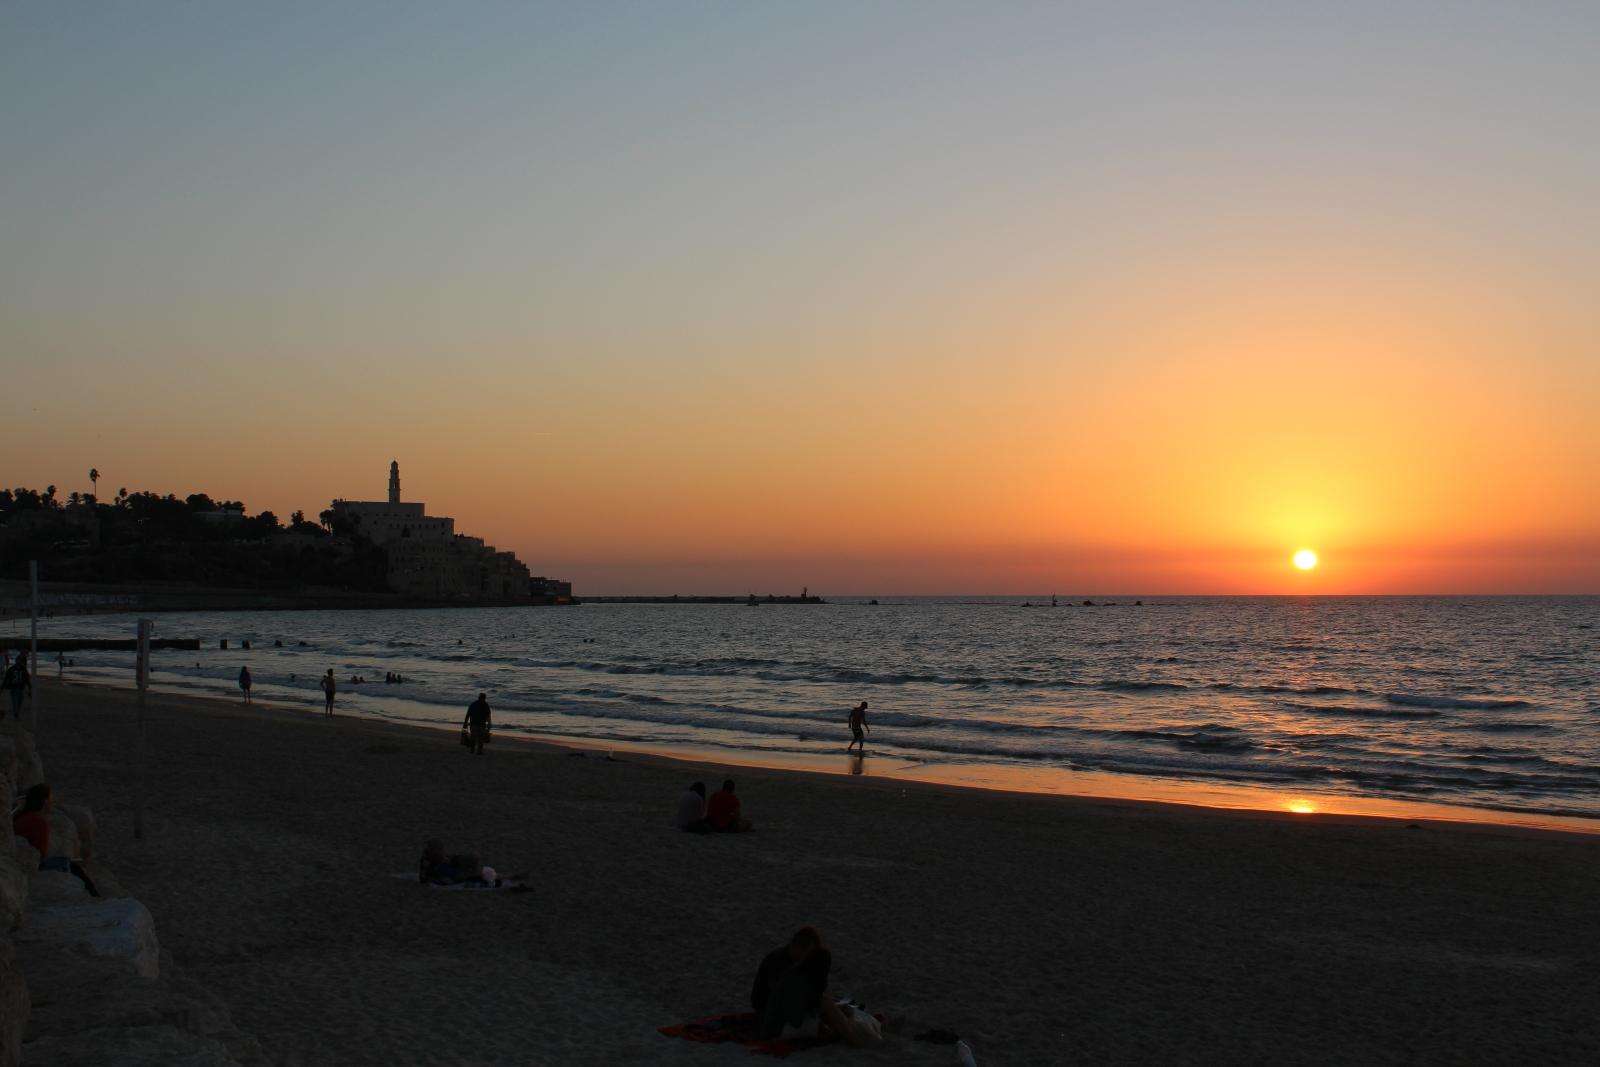 В Тель-Авиве многие встречают закат на пляже